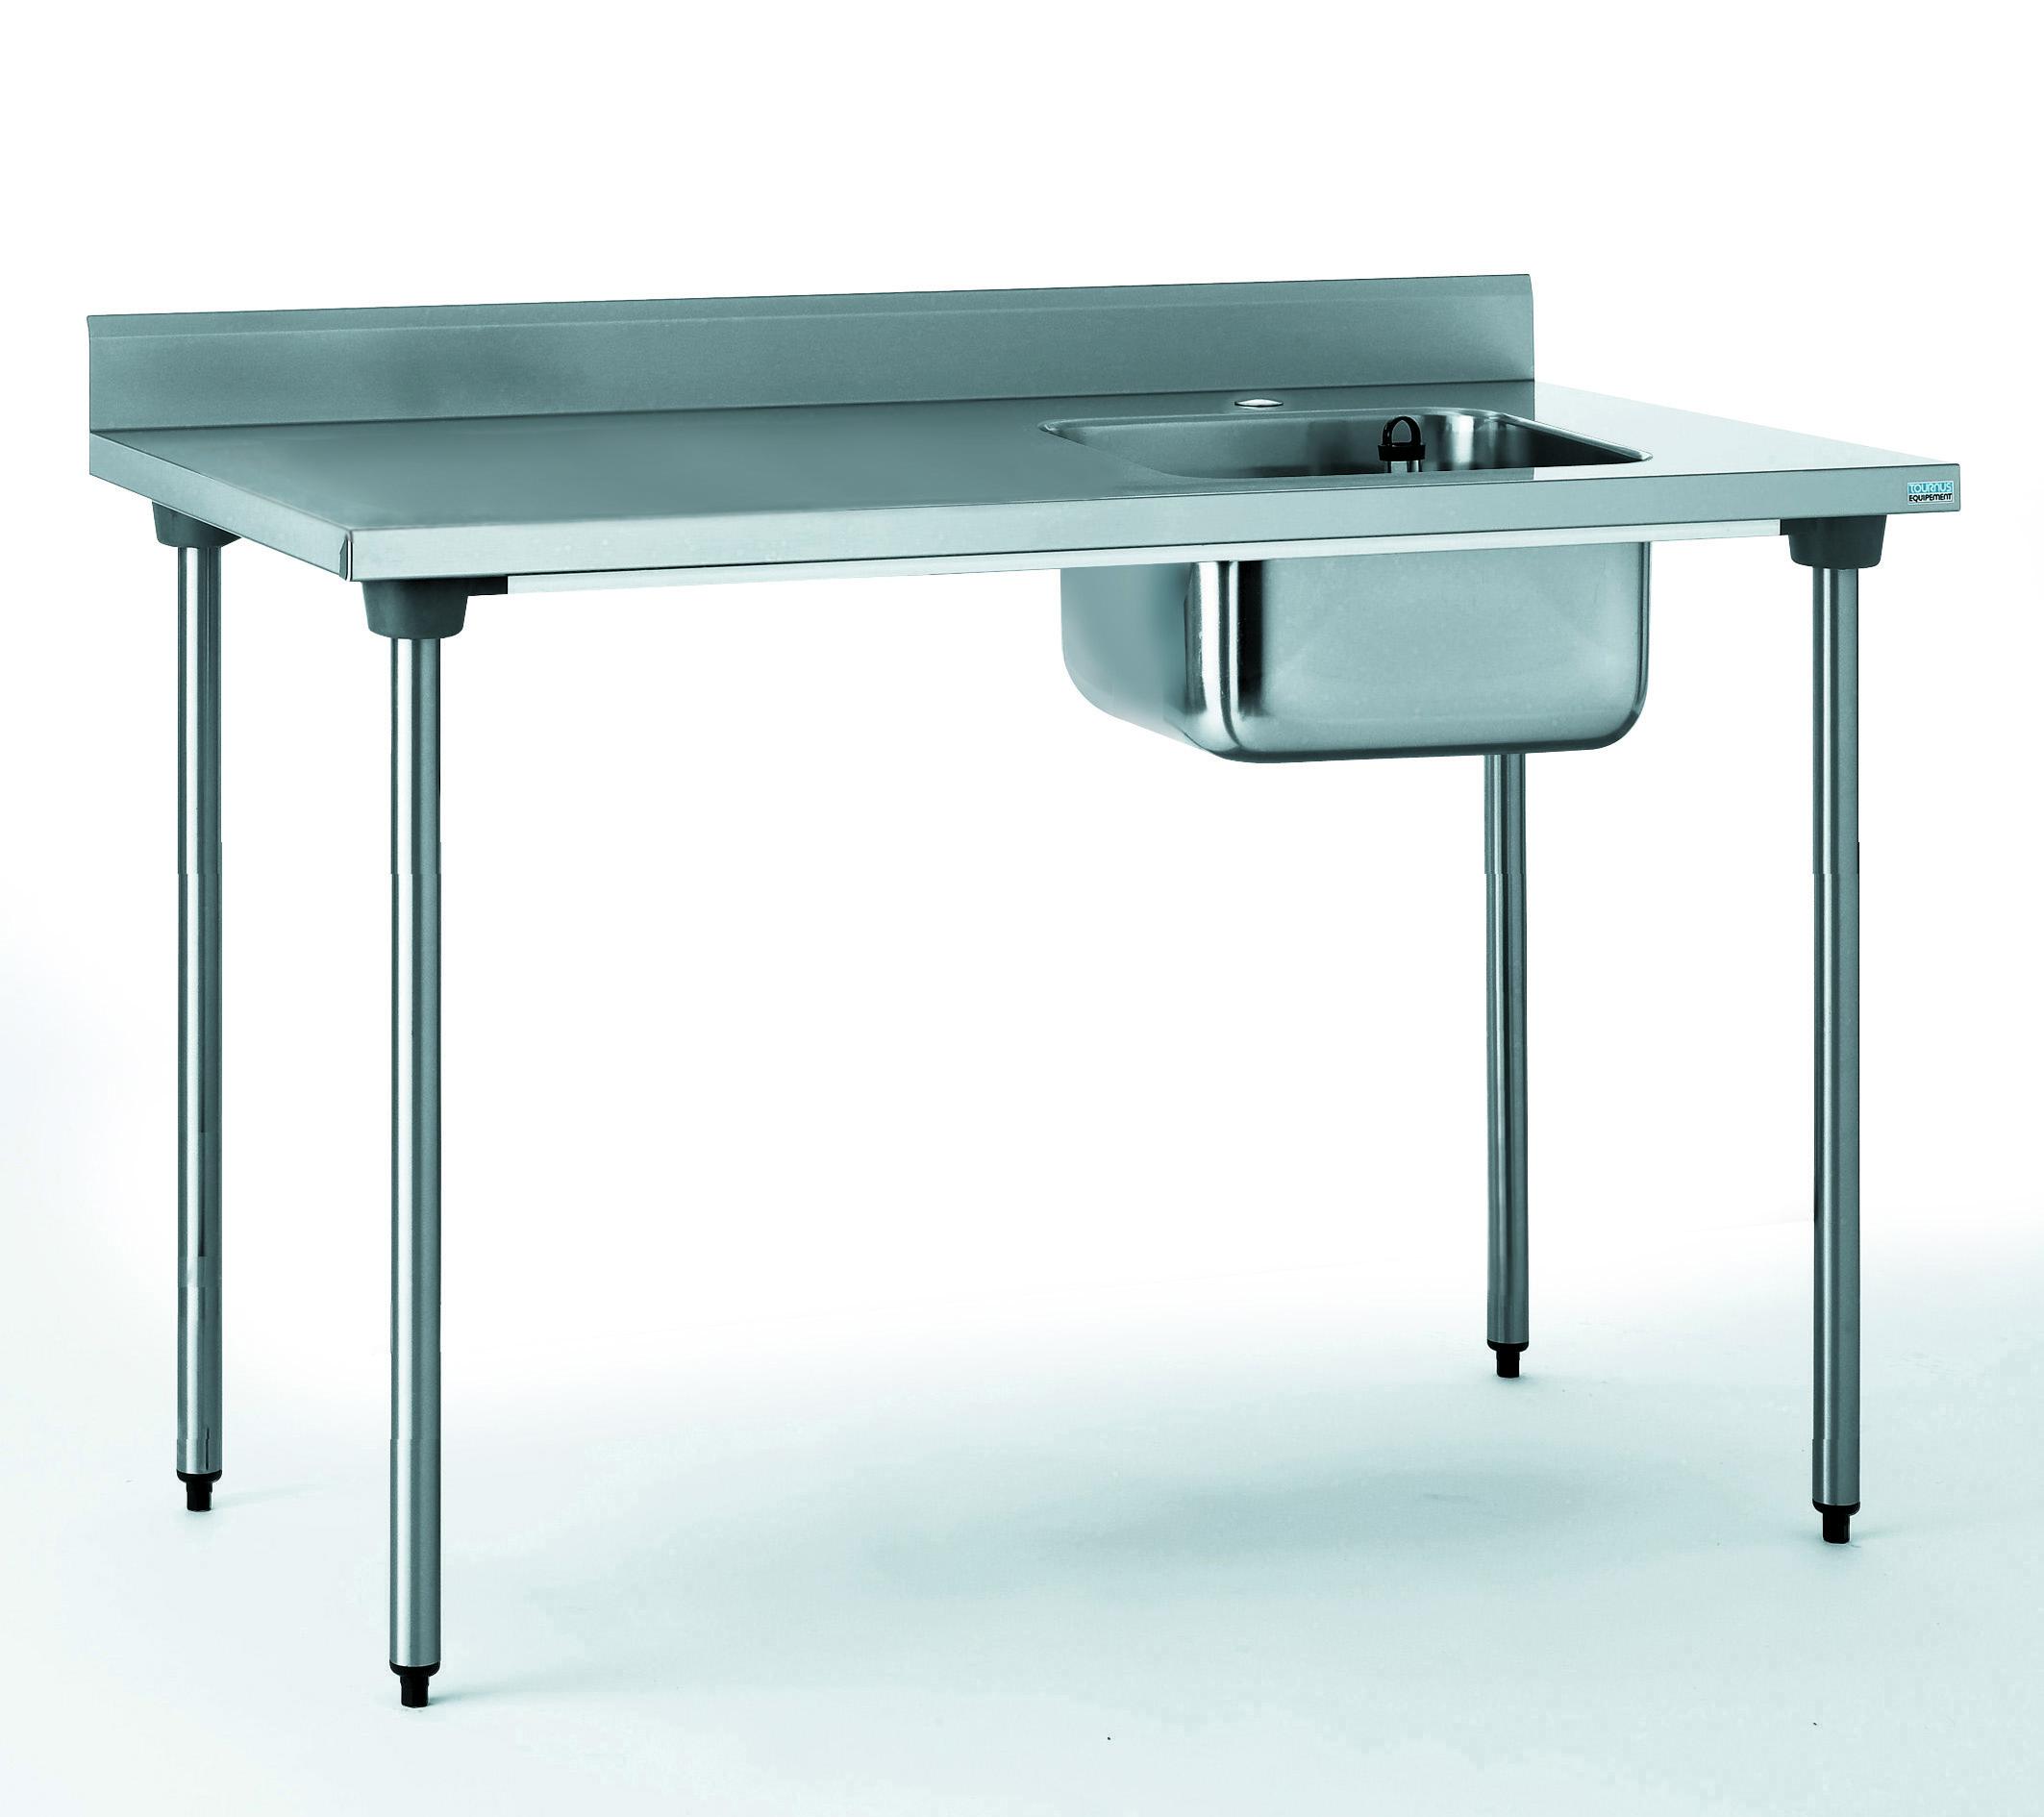 TABLE DU CHEF CHR 700X1600 BAC A DROITE SANS ROBINET